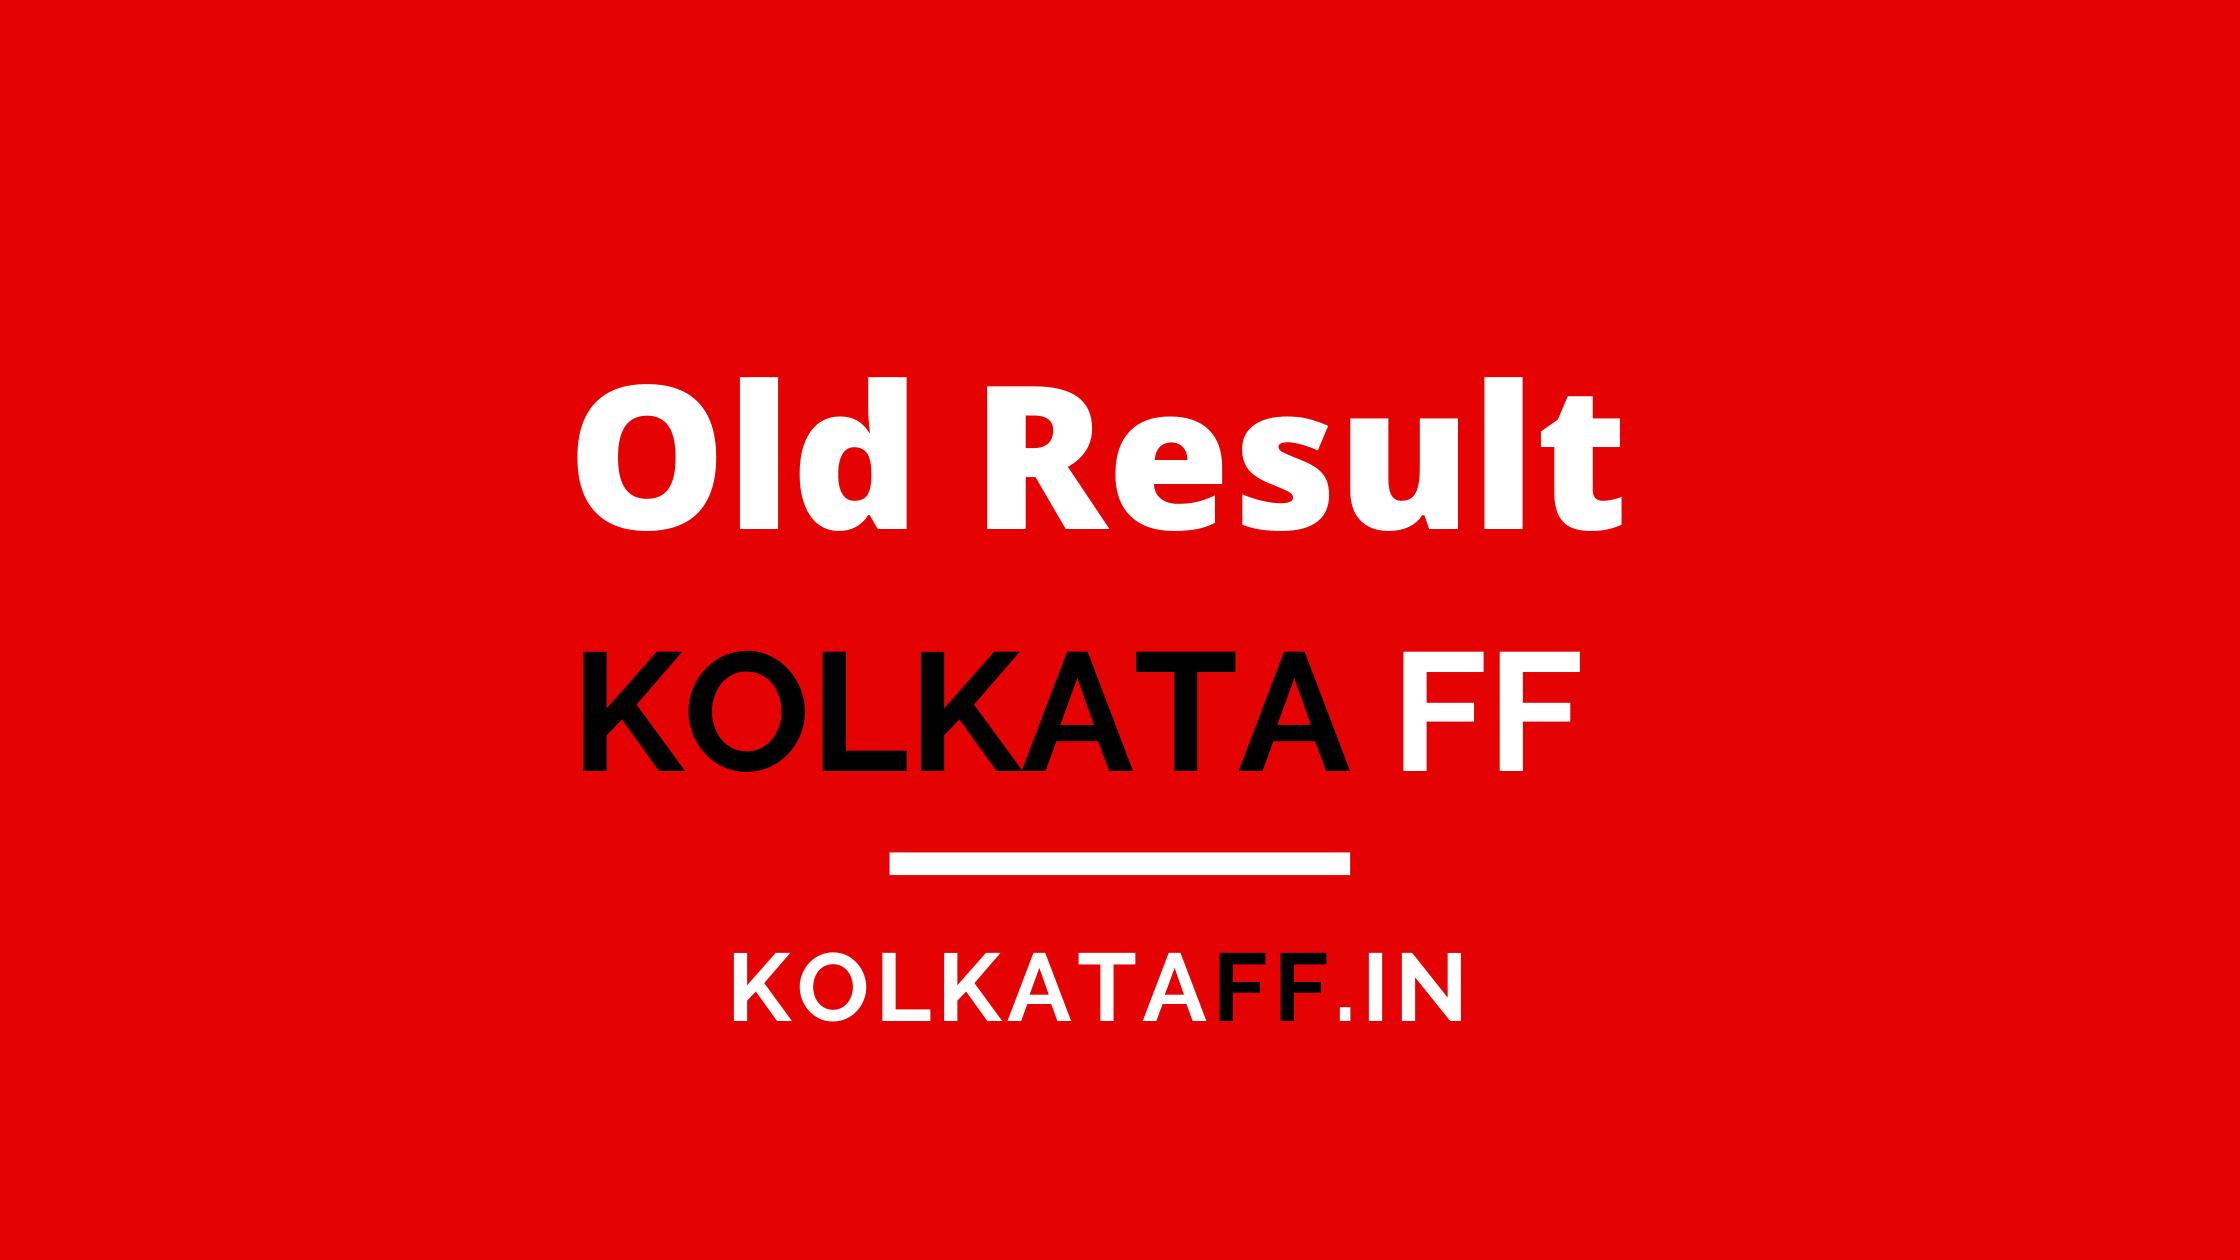 Kolkata FF Old Result Chart